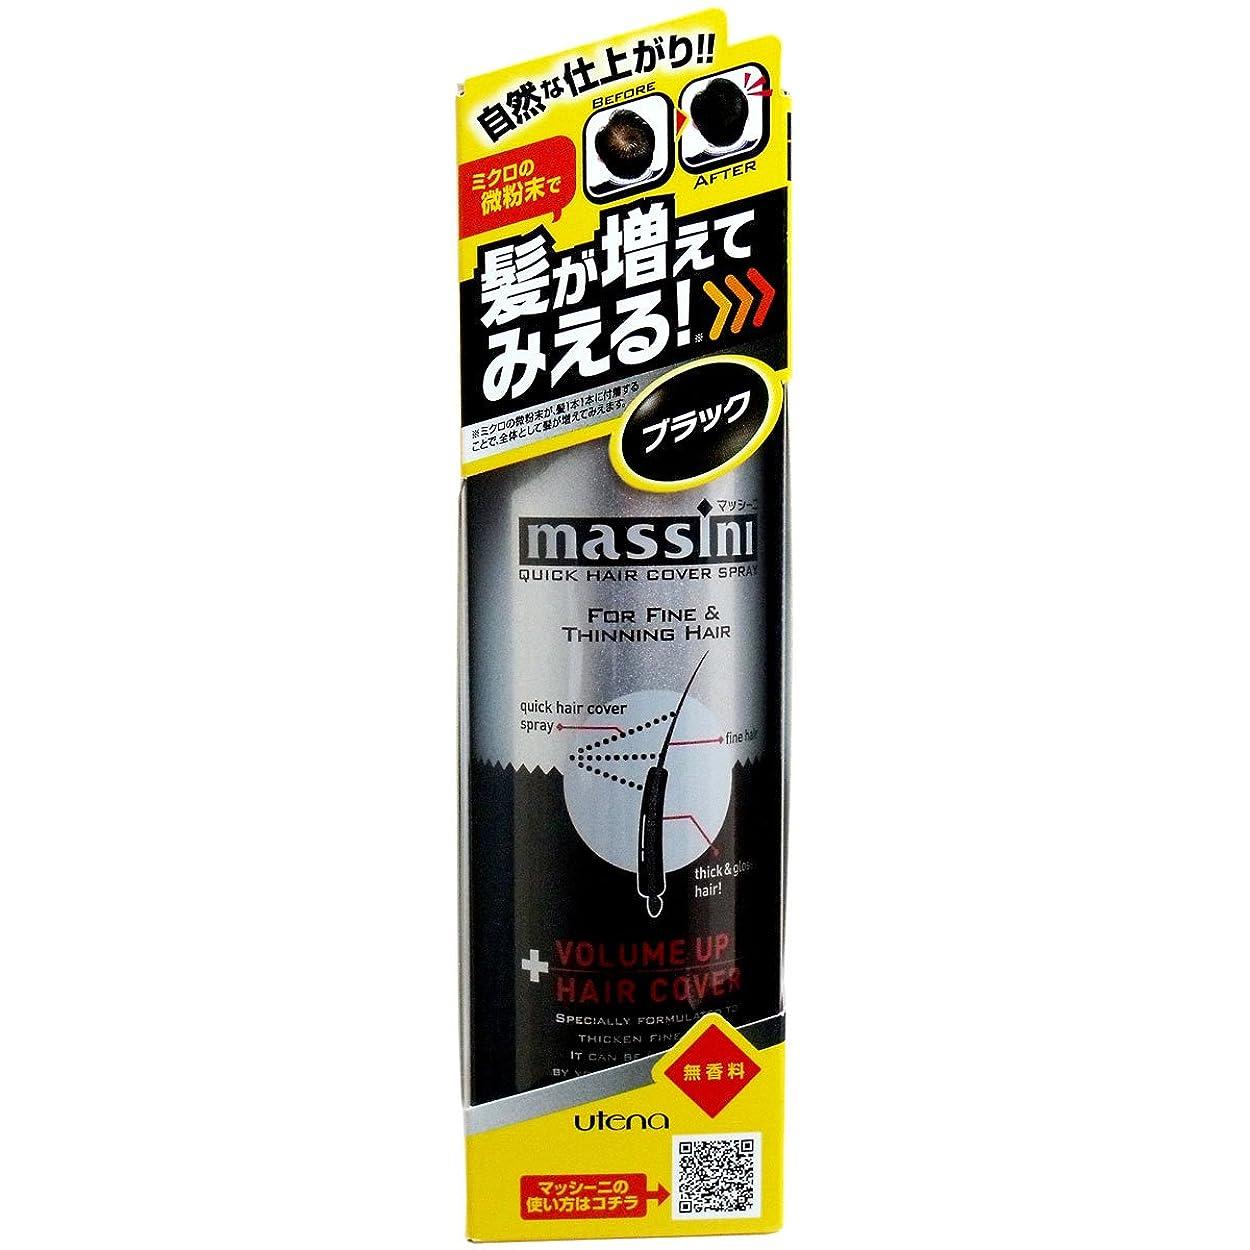 スクレーパーサスペンド薄める【まとめ買い】マッシーニ クイックヘアカバースプレーBK(ブラック) 1P ×2セット